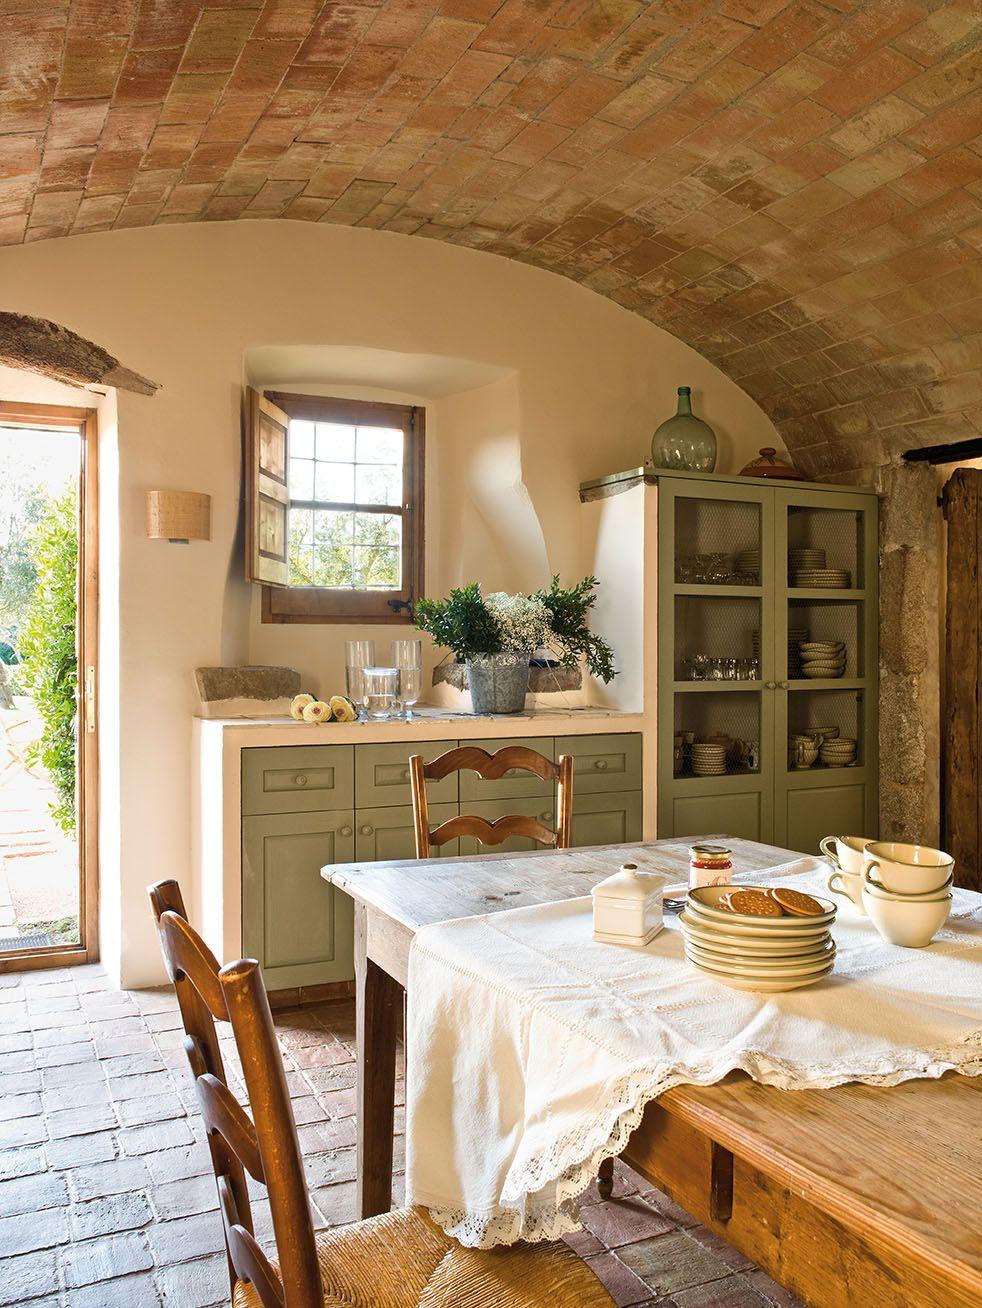 Cette ancienne ferme du 17ème siècle a été restaurée pour devenir une belle maison contemporaine - PLANETE DECO a homes world